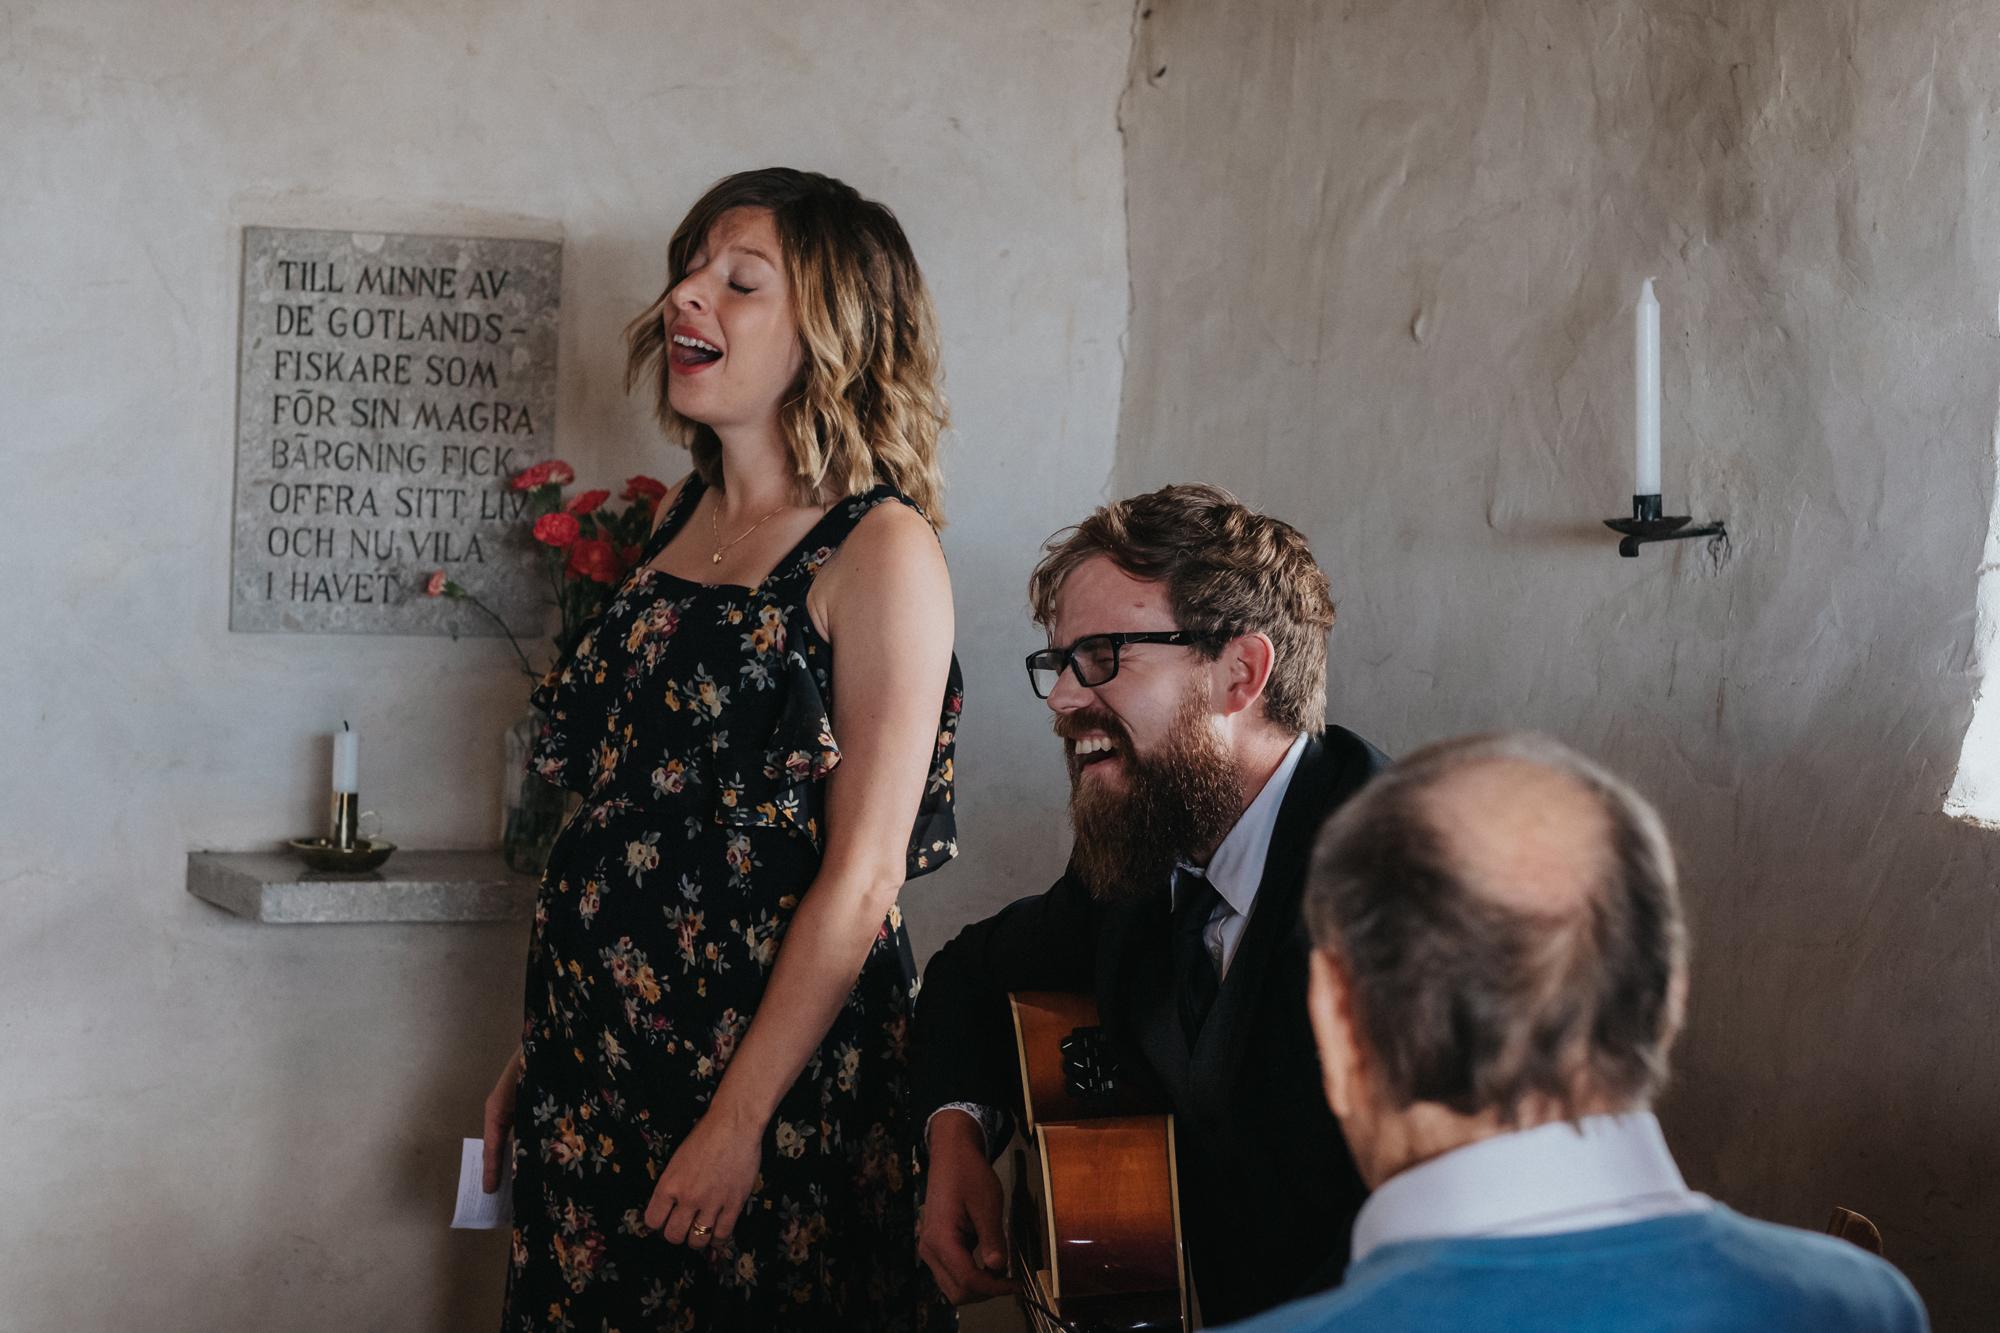 015-bröllop-kovik-gotland-neas-fotografi.jpg